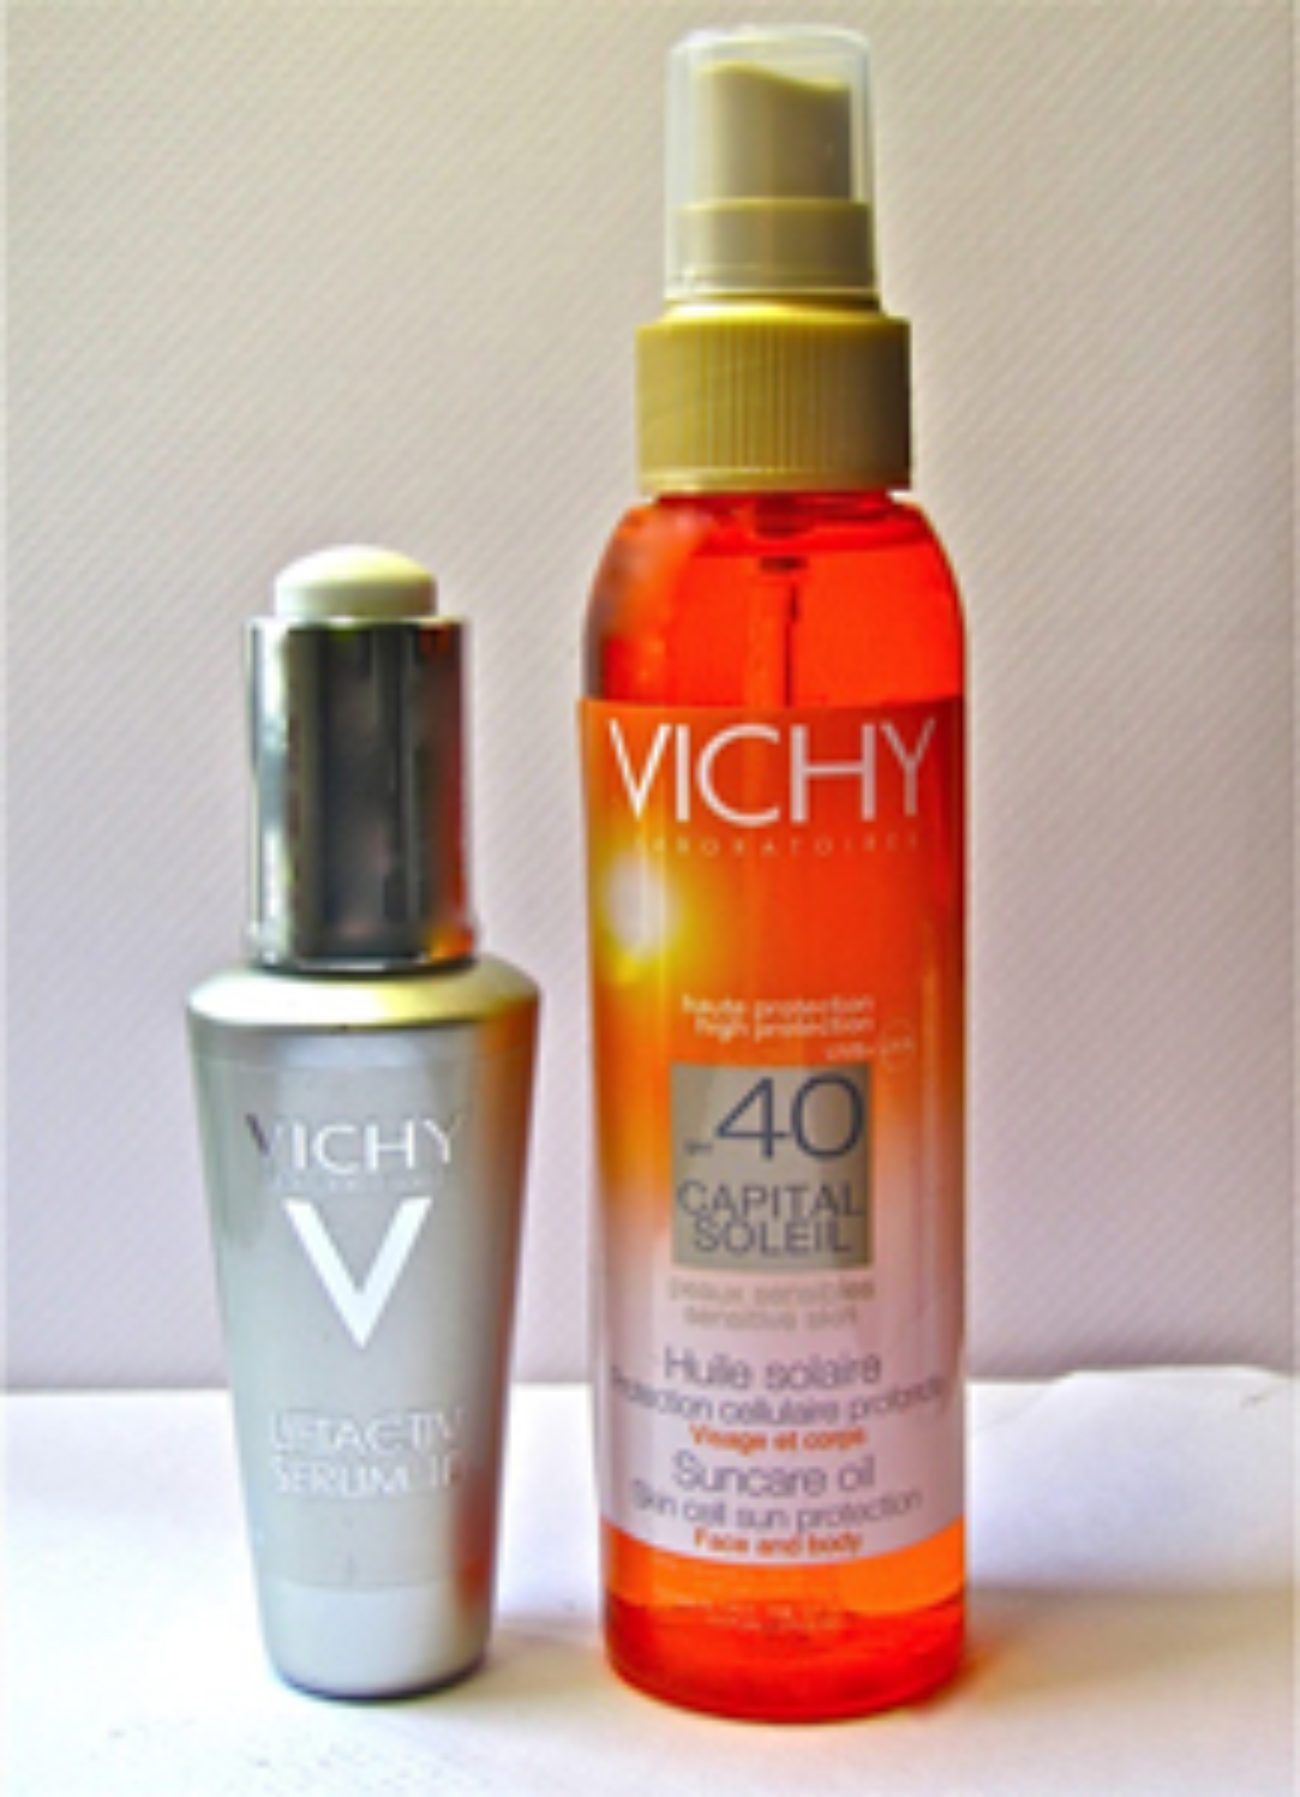 vichy_01